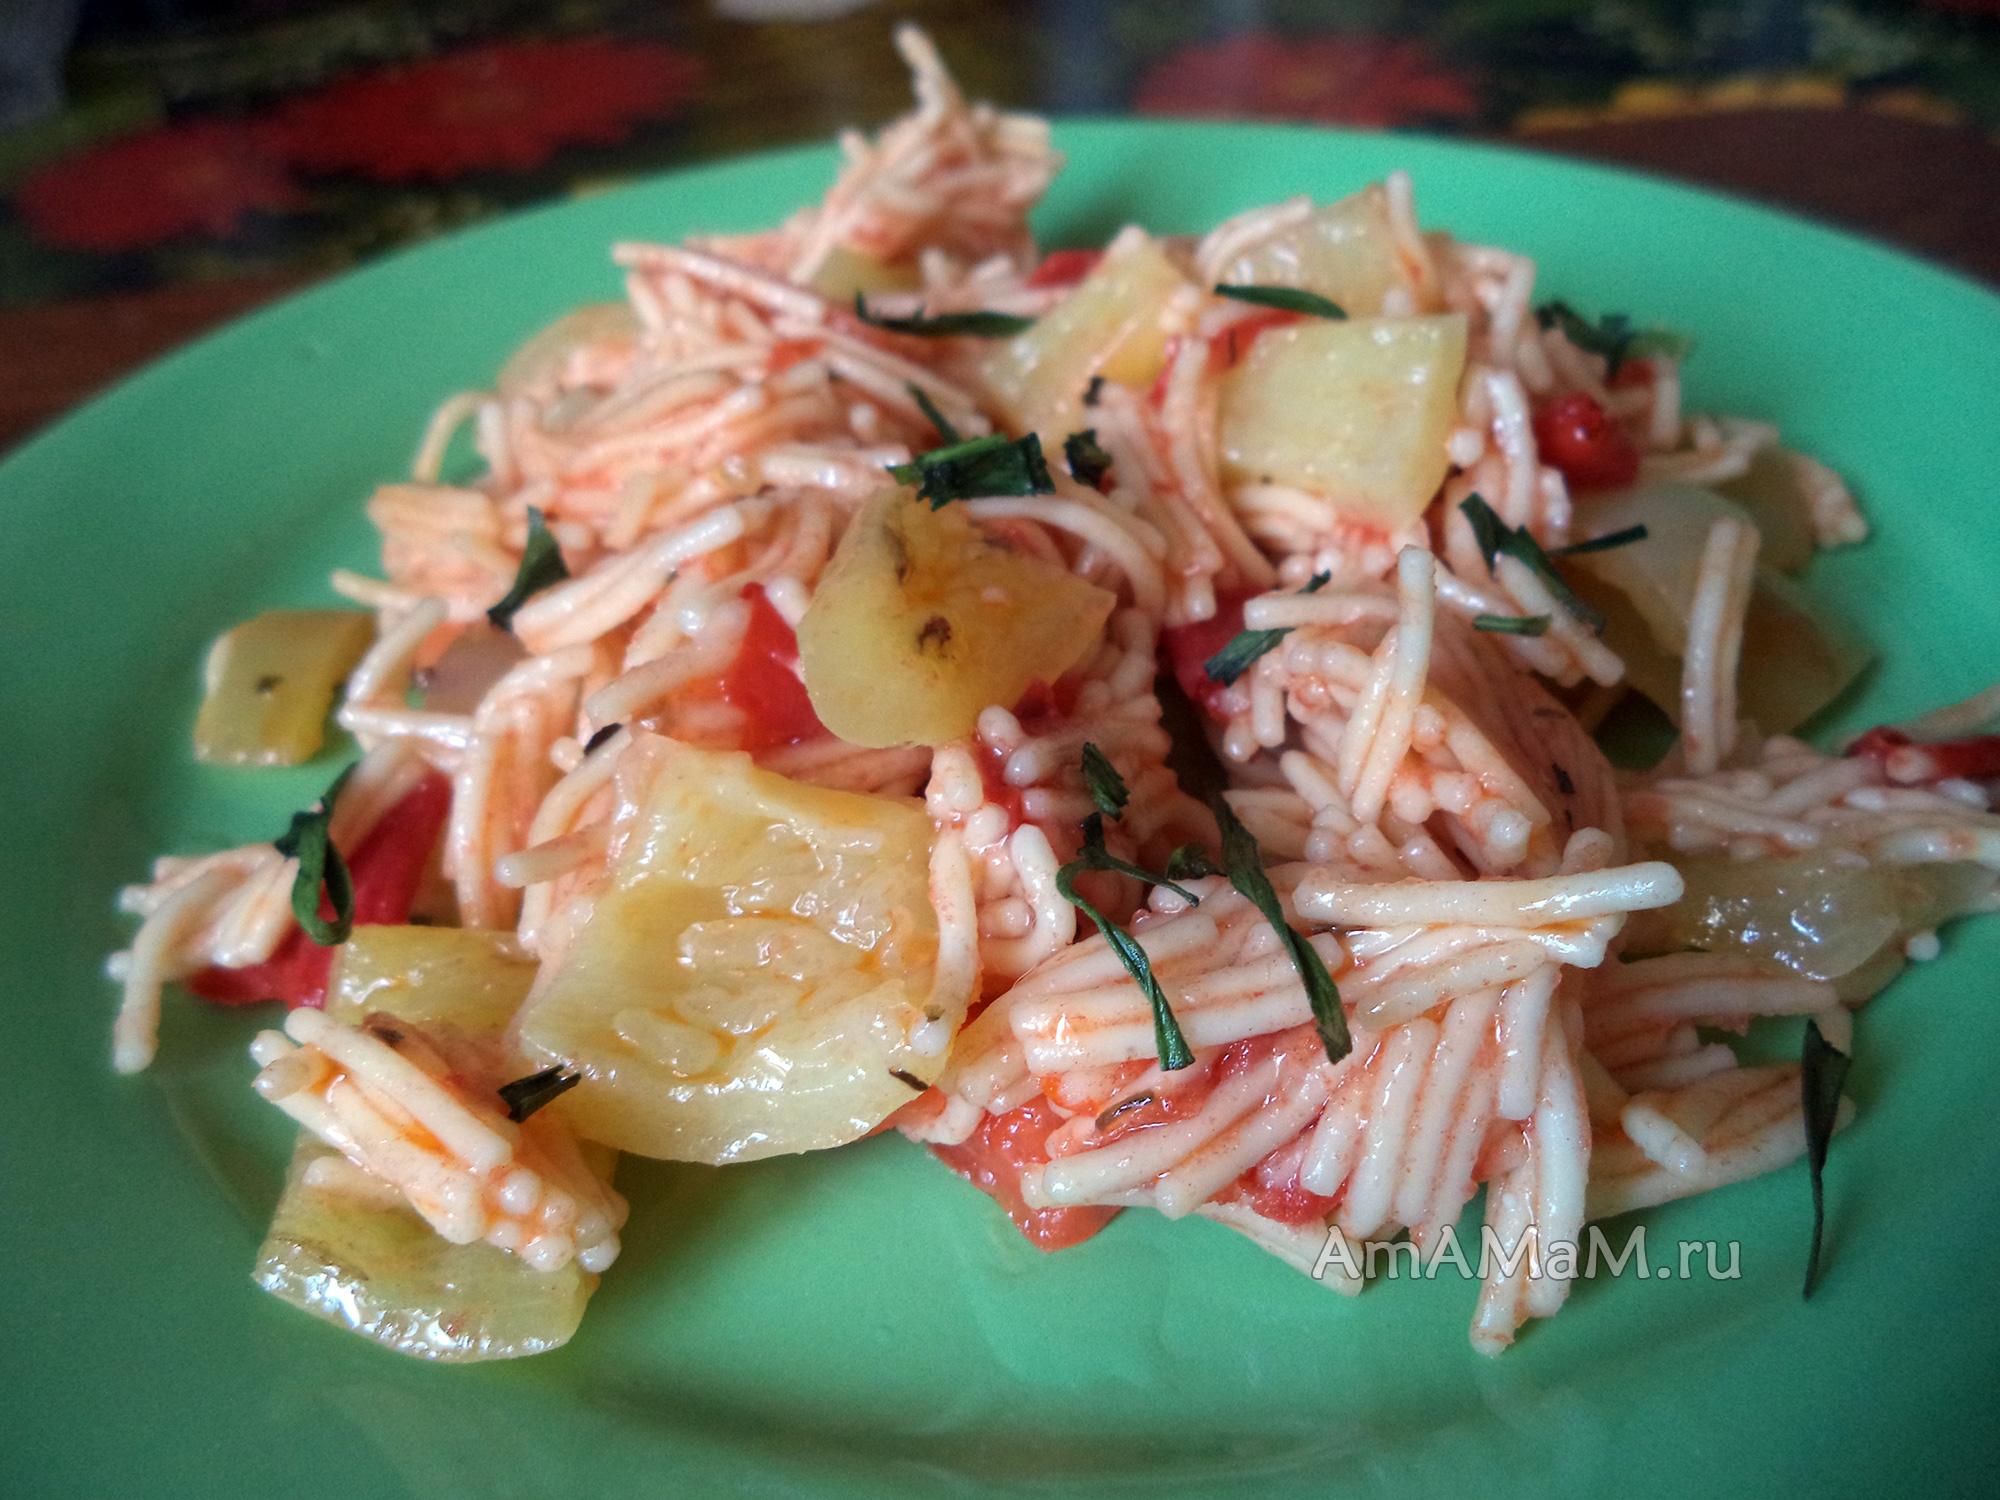 Салат с мясом грибами и сыром рецепт с фото пошагово - 1000 64